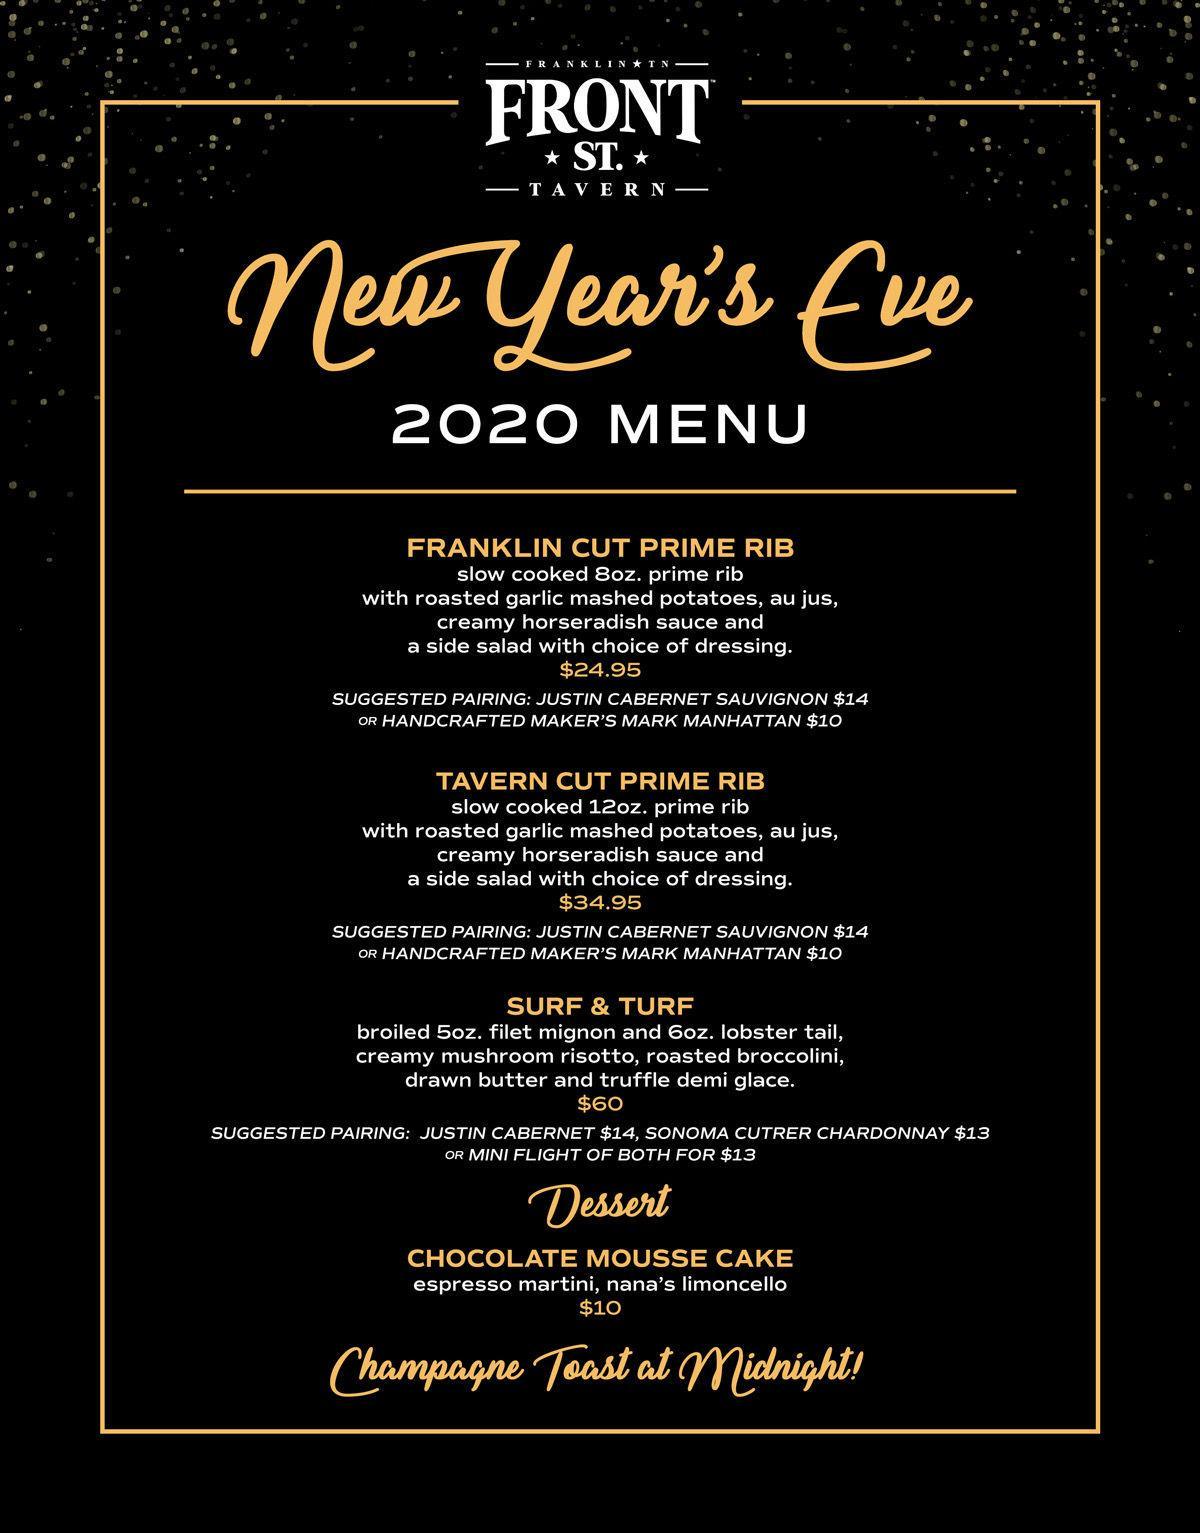 Front Street Tavern NYE menu